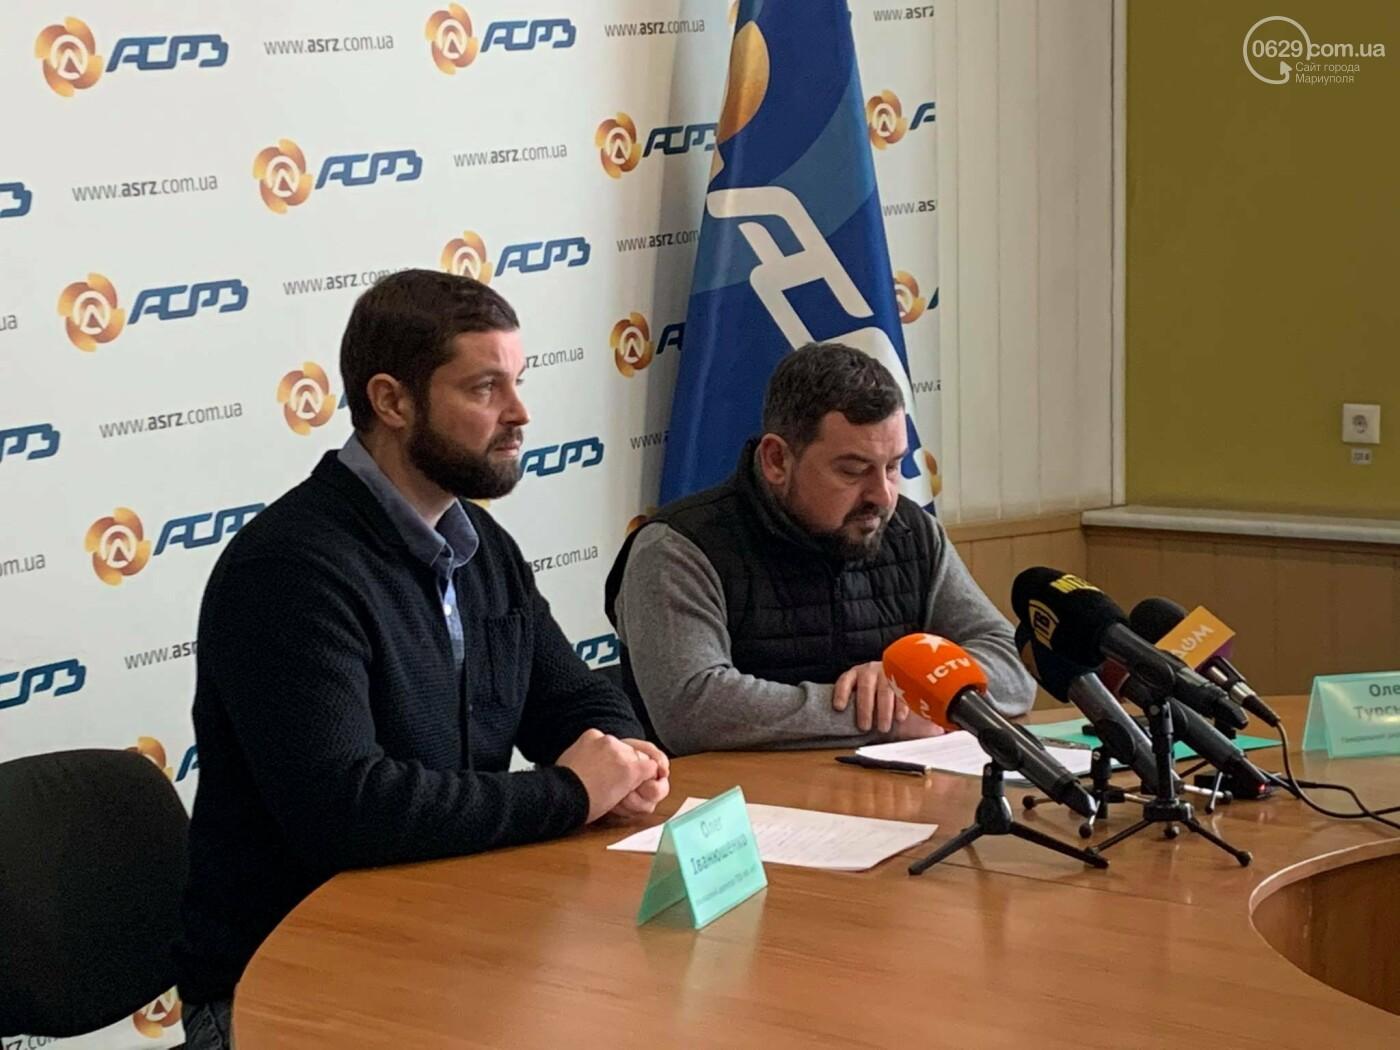 Судоремонтный завод объявил об остановке  предприятия и угрожает Мариуполю экологической катастрофой, - ФОТО, фото-1